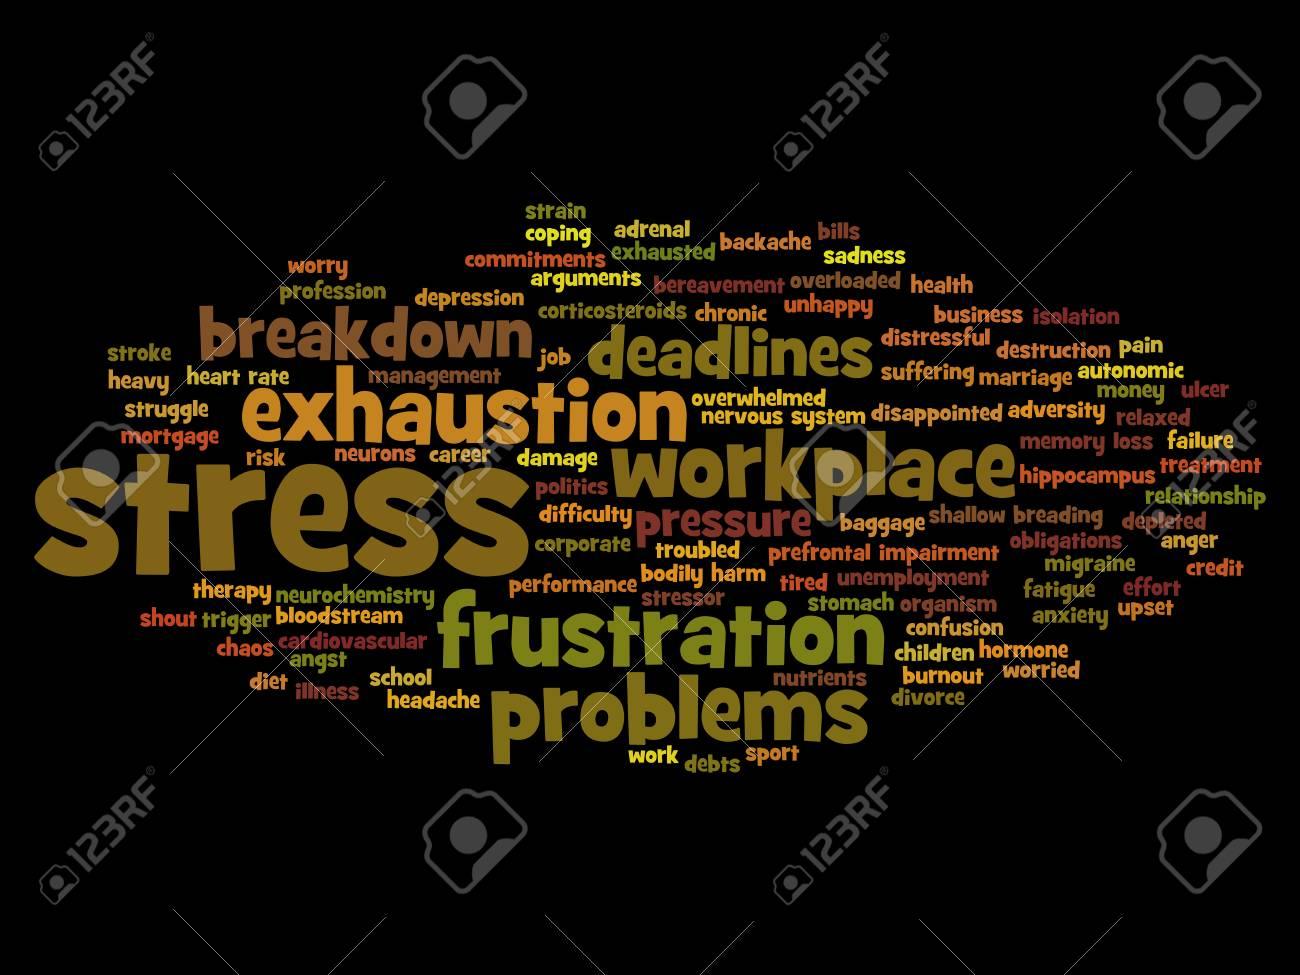 Archivio Fotografico - Stile mentale concettuale sul posto di lavoro o nube  parola di lavoro isolato sullo sfondo bfe9a32a4ad